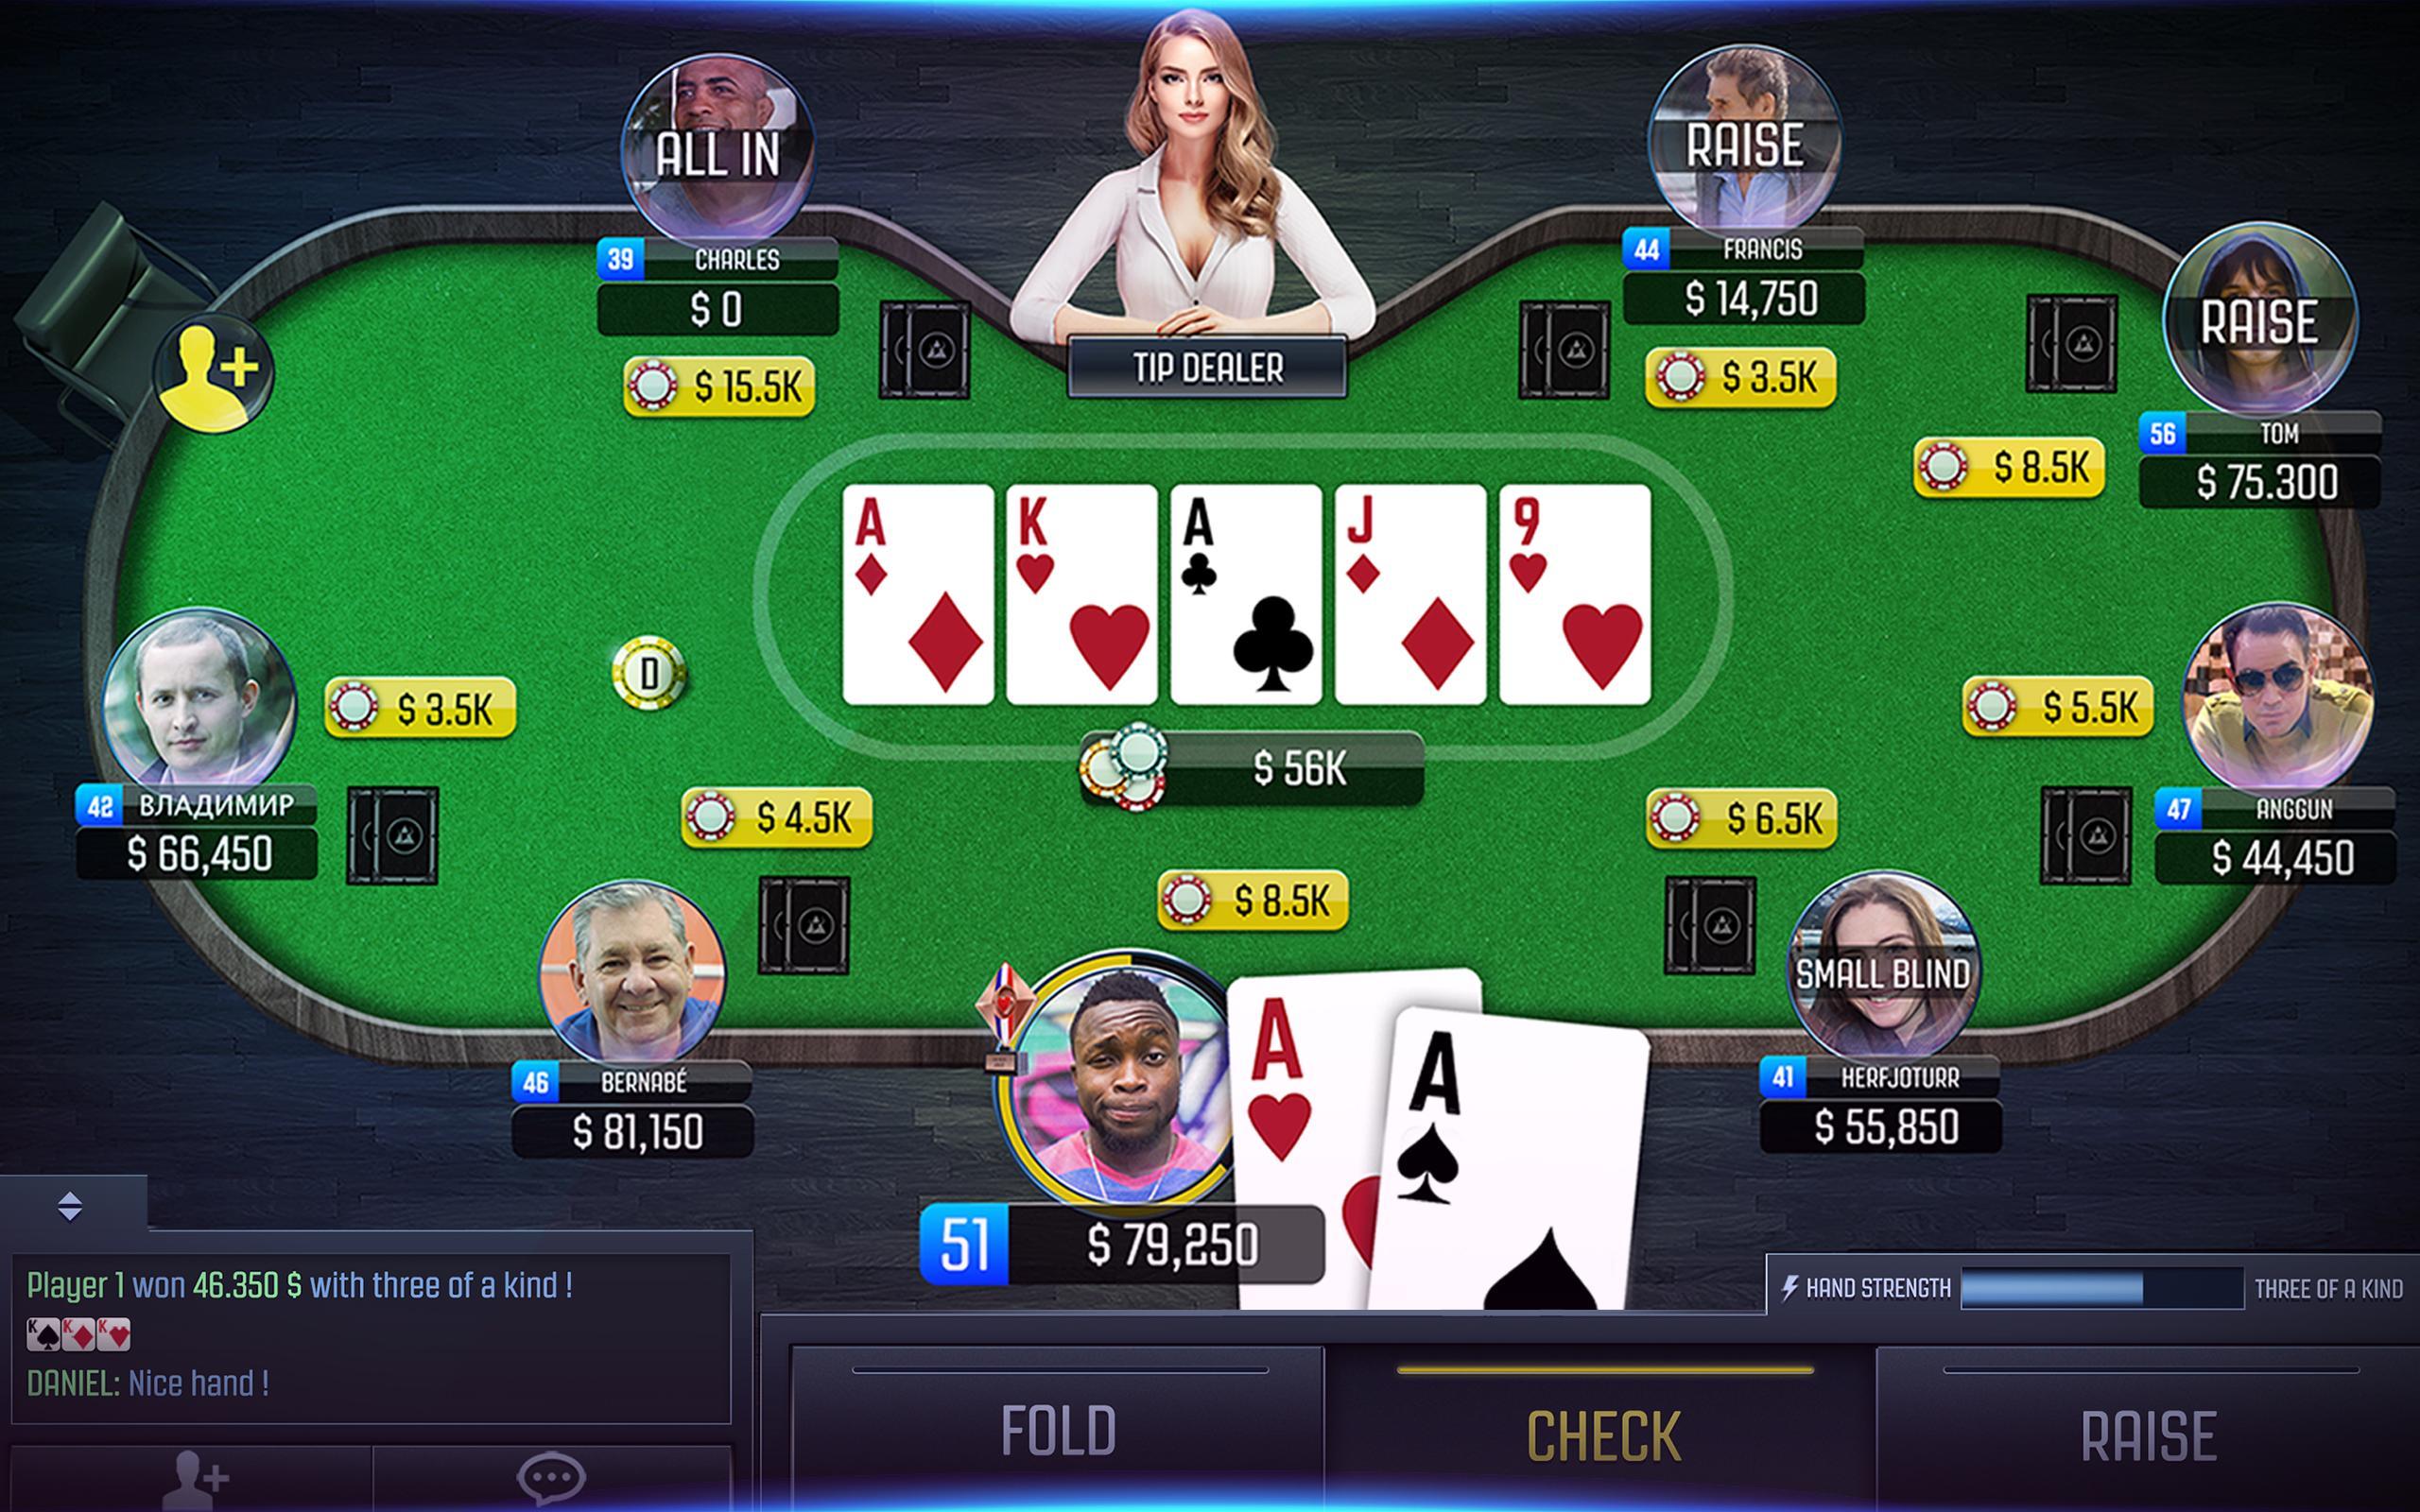 Скачать игру на андроид покер онлайн игровые автоматы все виды играть бесплатно